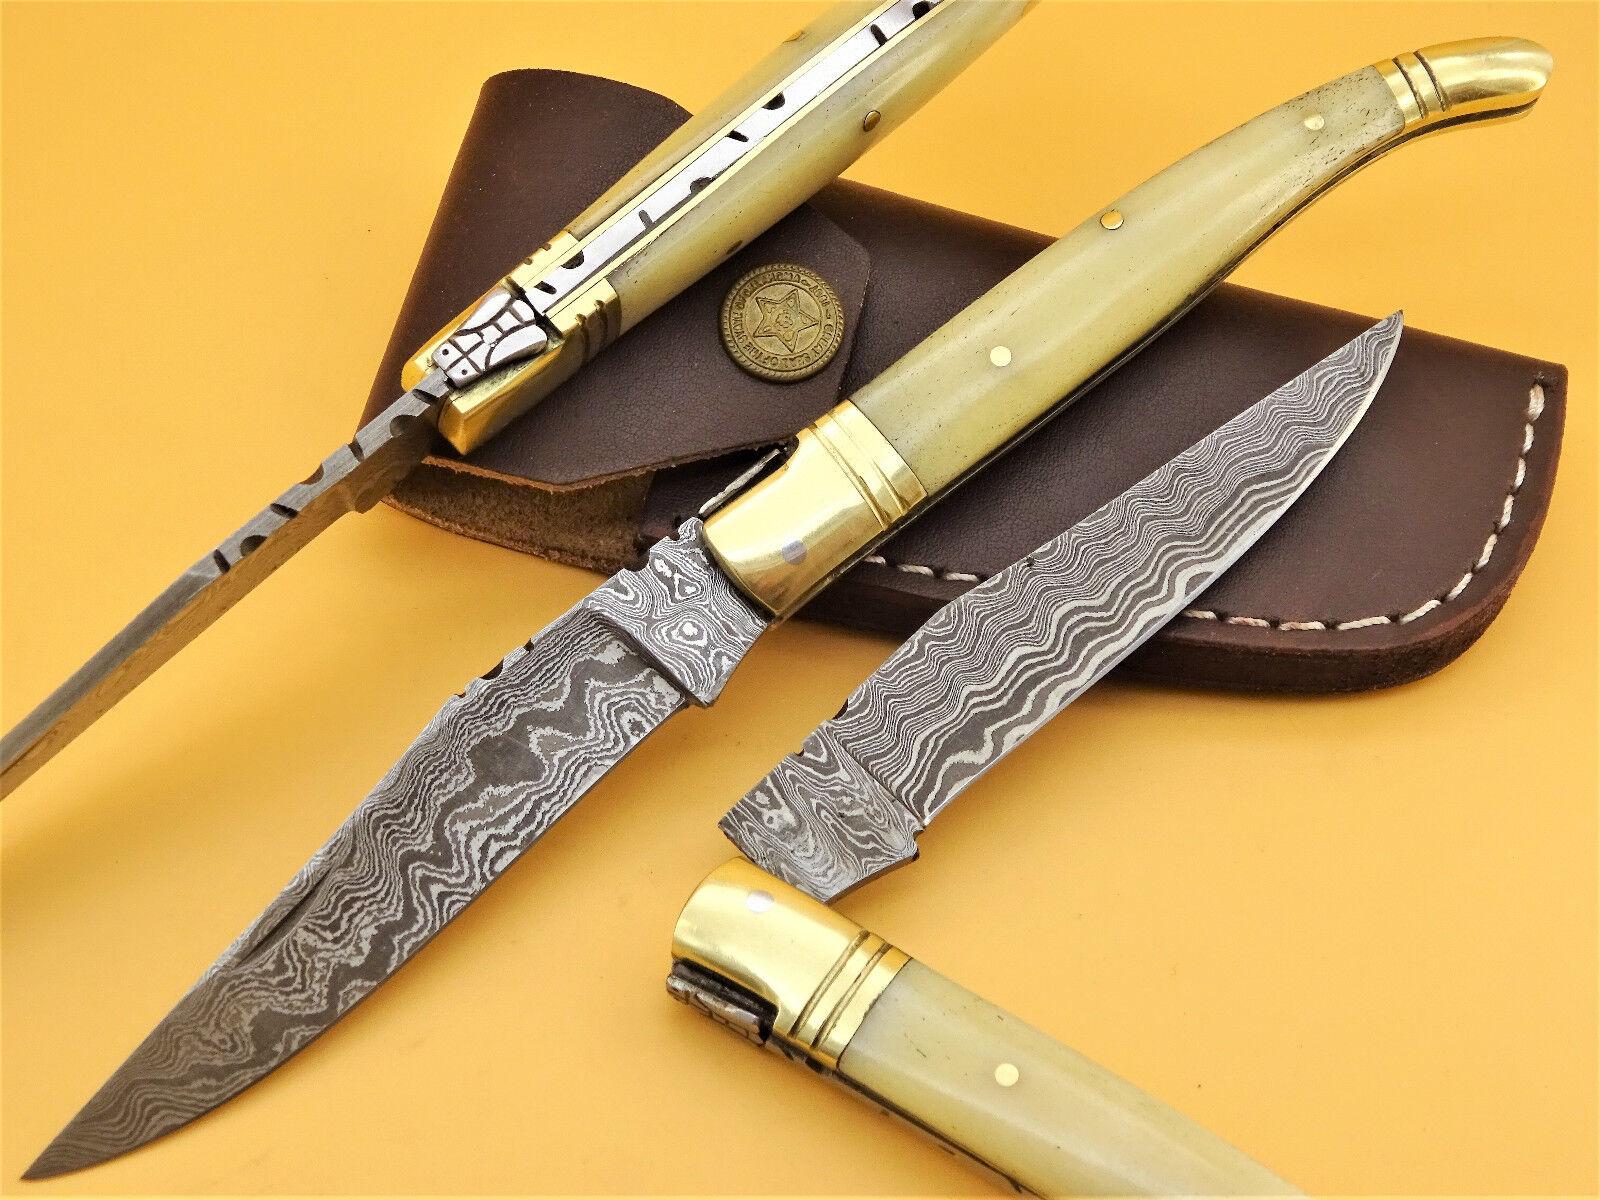 Damastmesser LAGUIOLE-Laguiole Taschenmesser-Damast taschenmesser - 22cm -(BD7)  | Niedrige Kosten